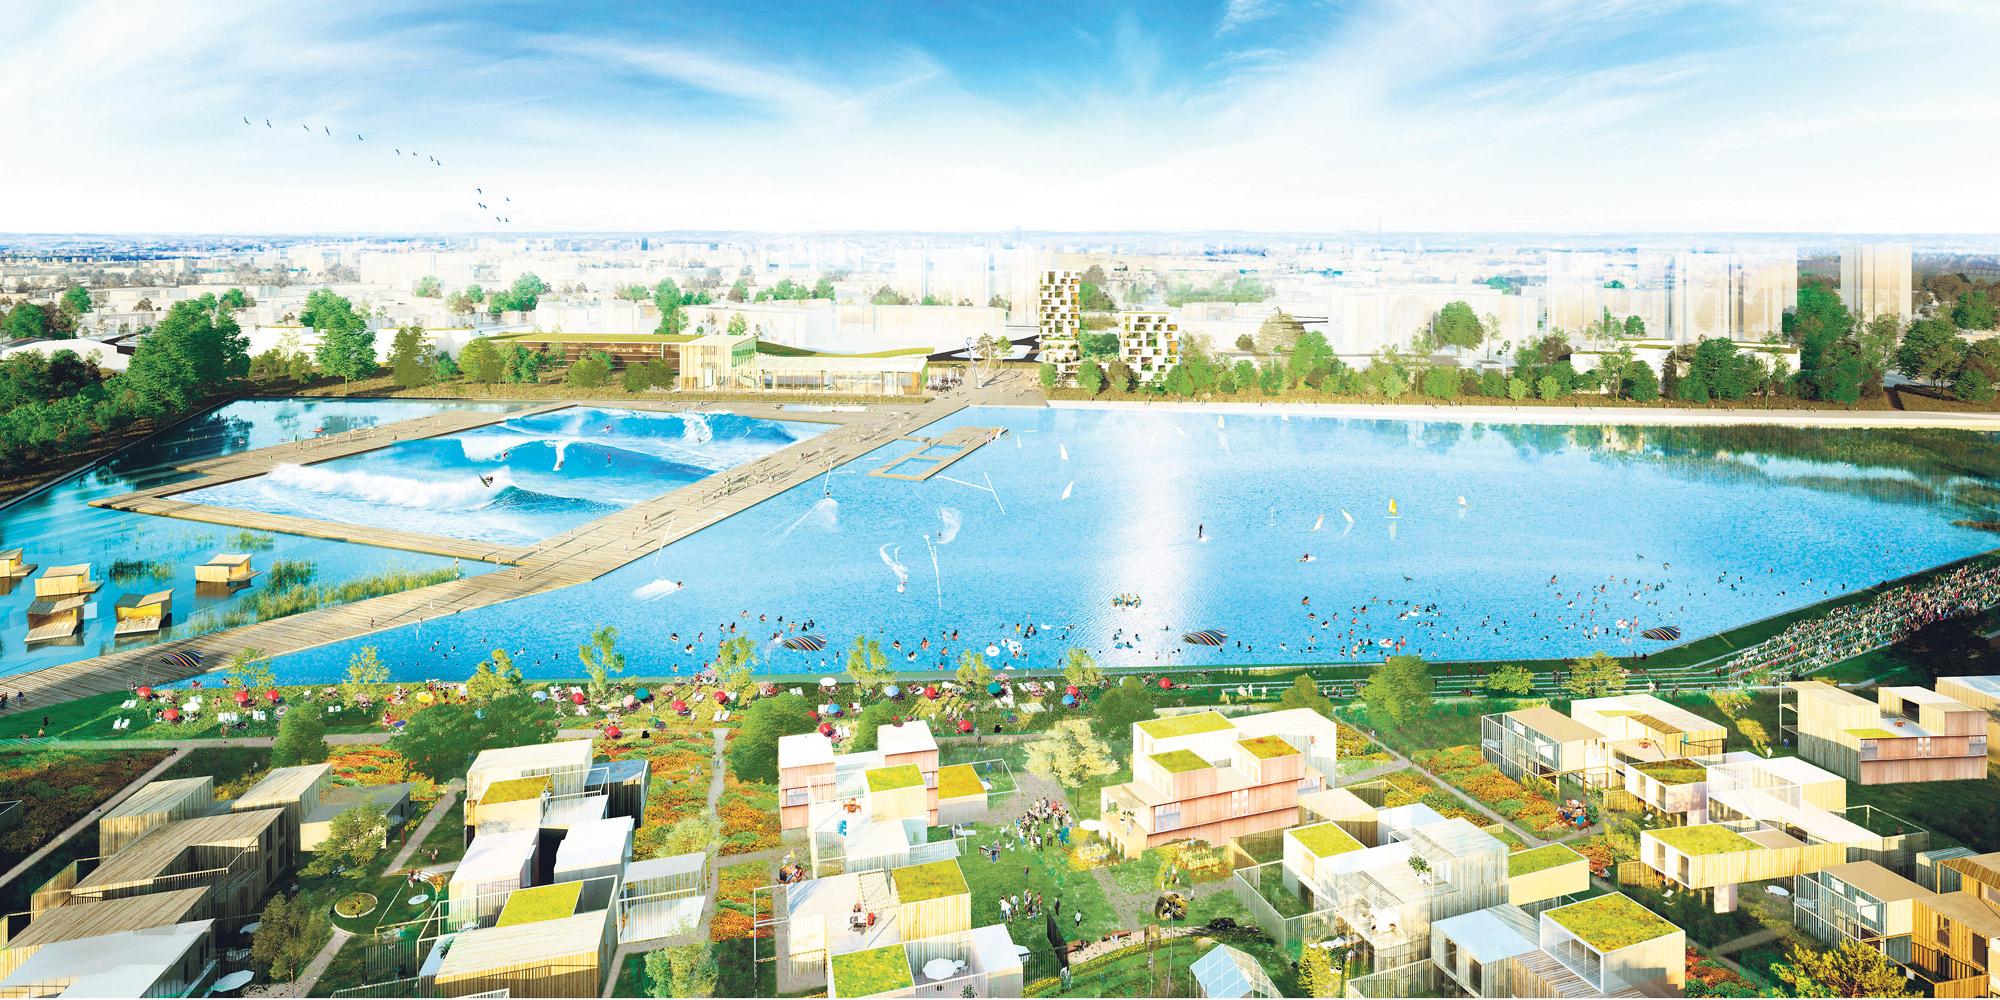 Sevran : Une Base De Loisirs Futuriste Va Voir Le Jour D'ici ... pour Piscine De Sevran